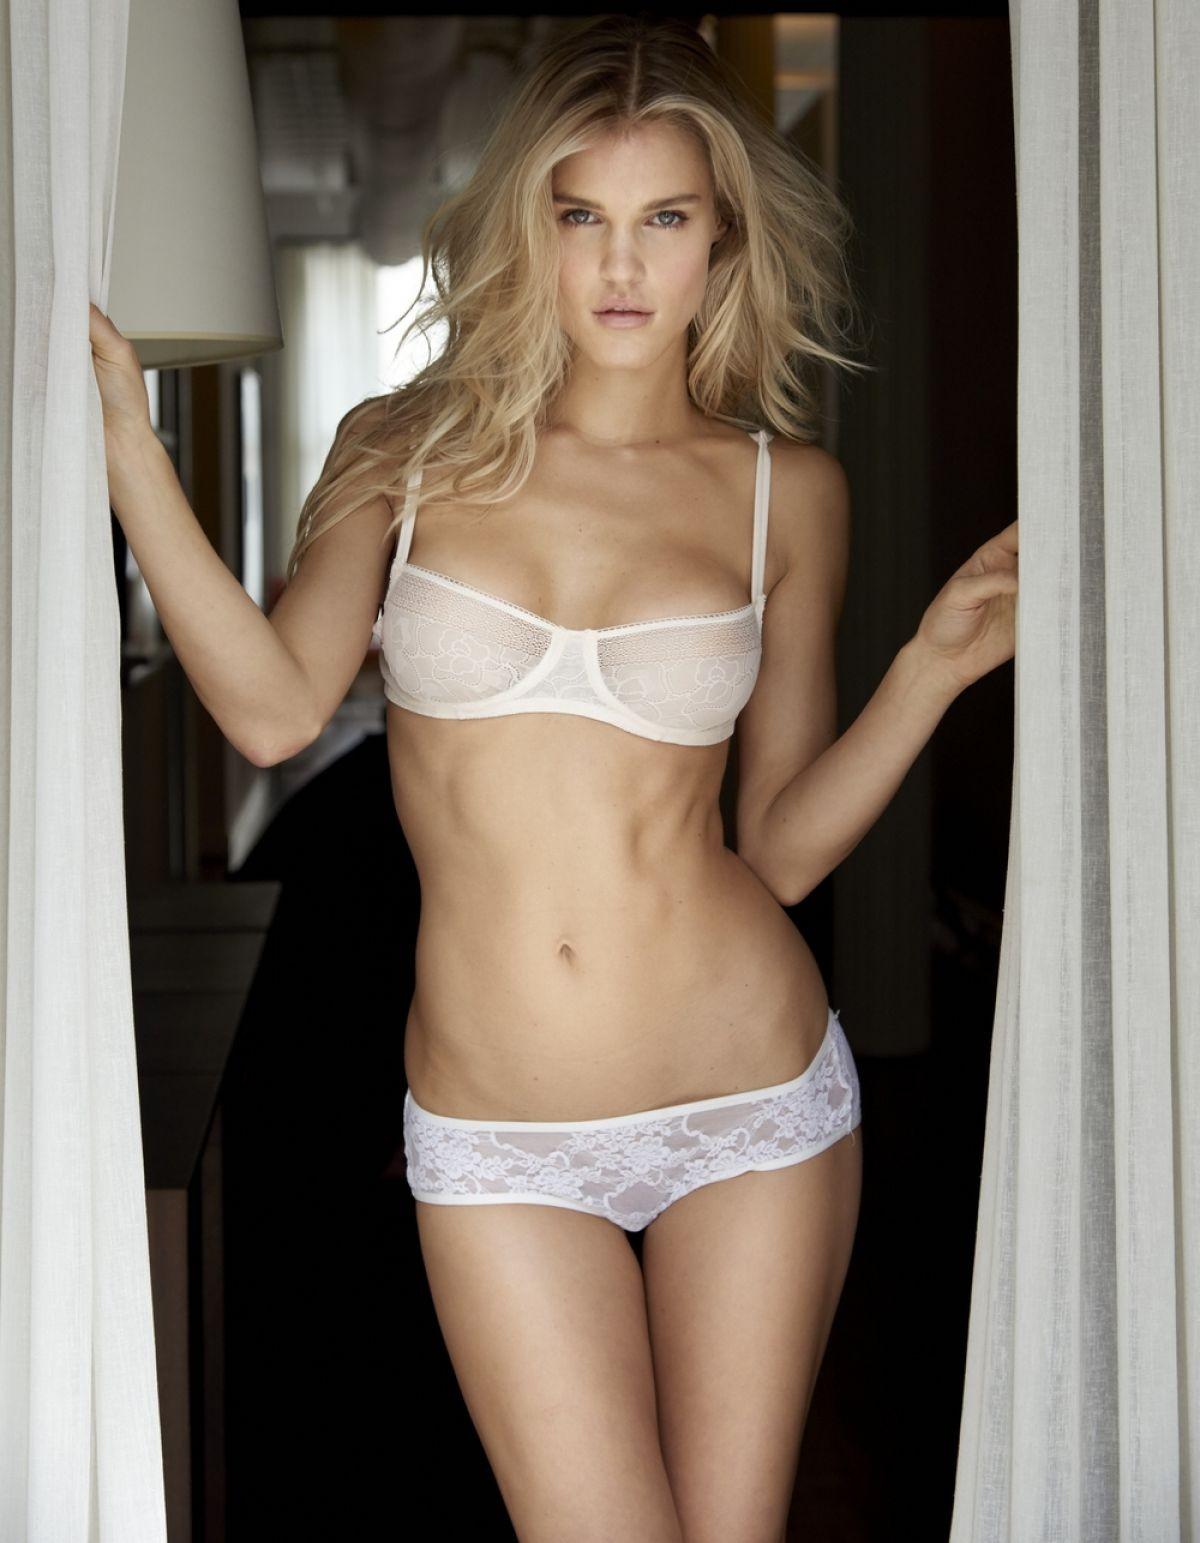 Joy Corrigan Desnuda Página 3 Fotos Desnuda Descuido Topless